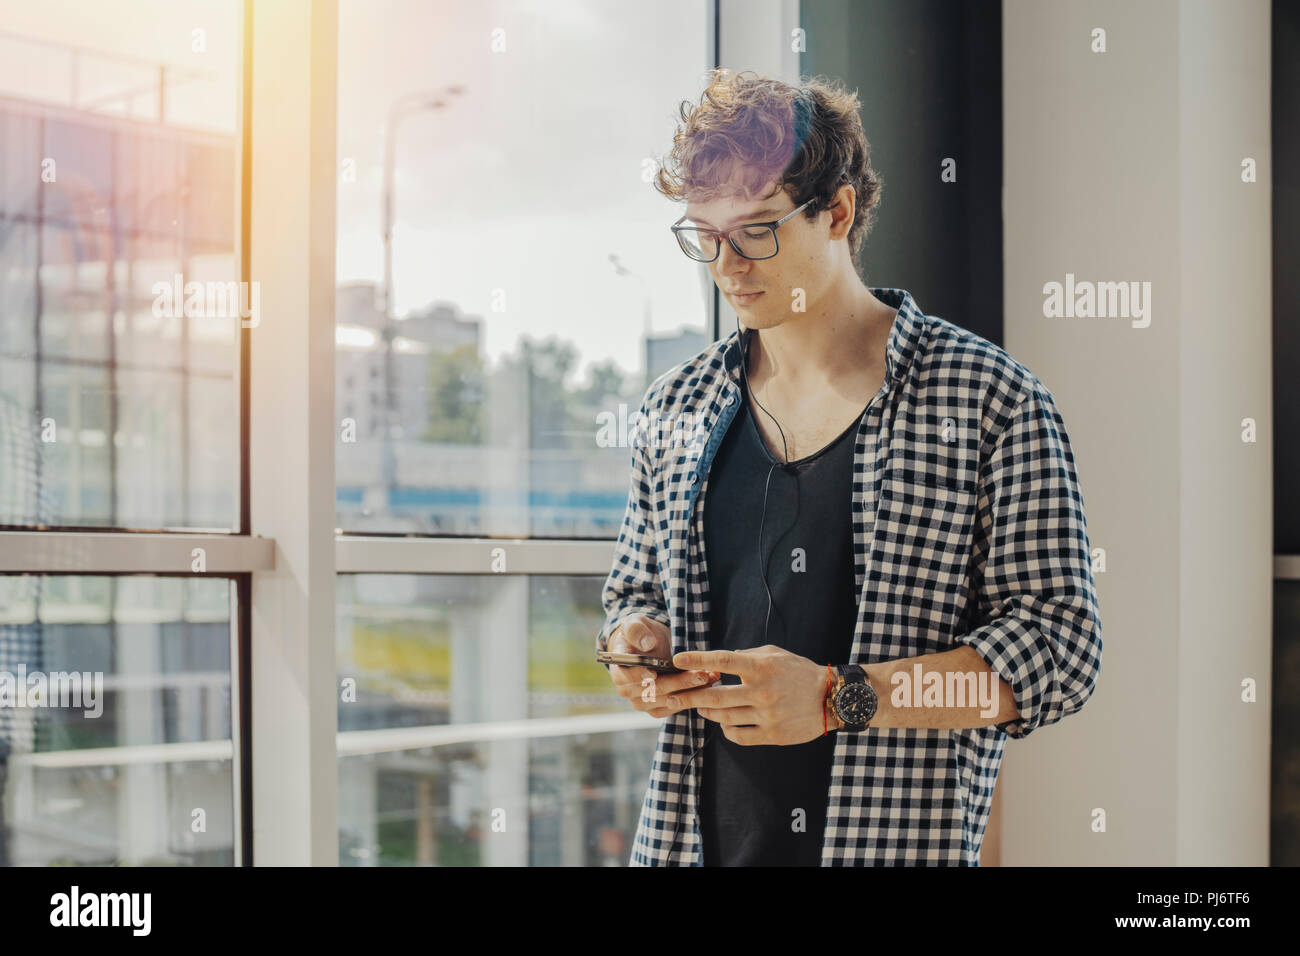 Close up of young man looking at mobile phone écran à la station de métro. Photo Stock